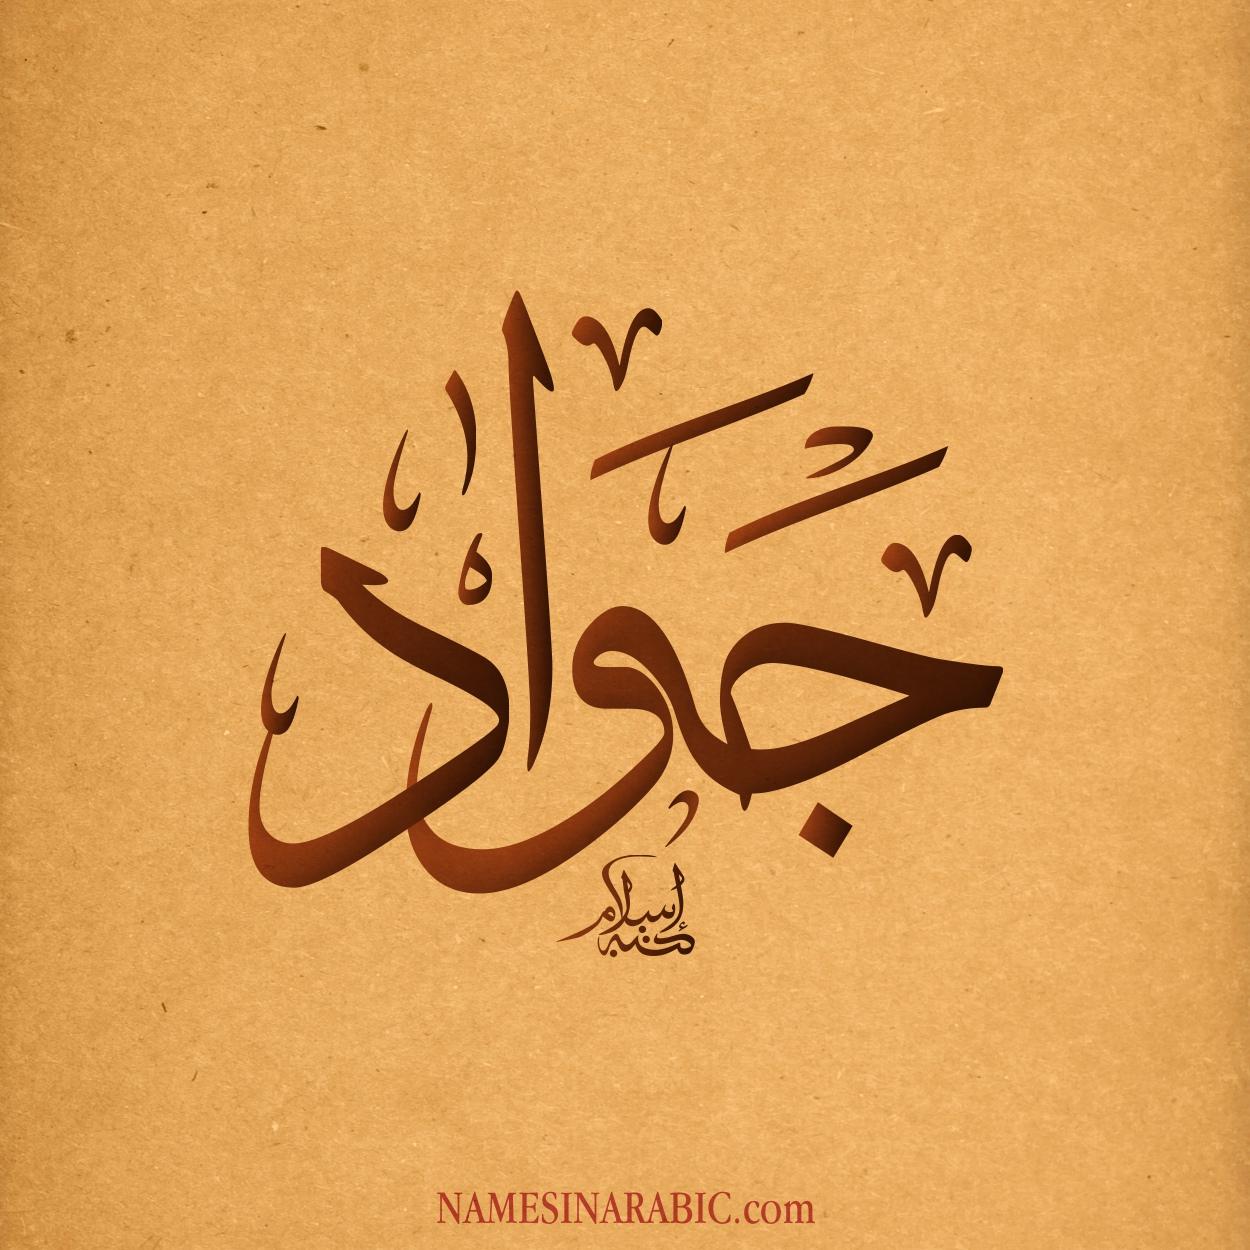 صورة اسم جَوّاد GAOAD اسم جَوّاد بالخط العربي من موقع الأسماء بالخط العربي بريشة الفنان إسلام ابن الفضل